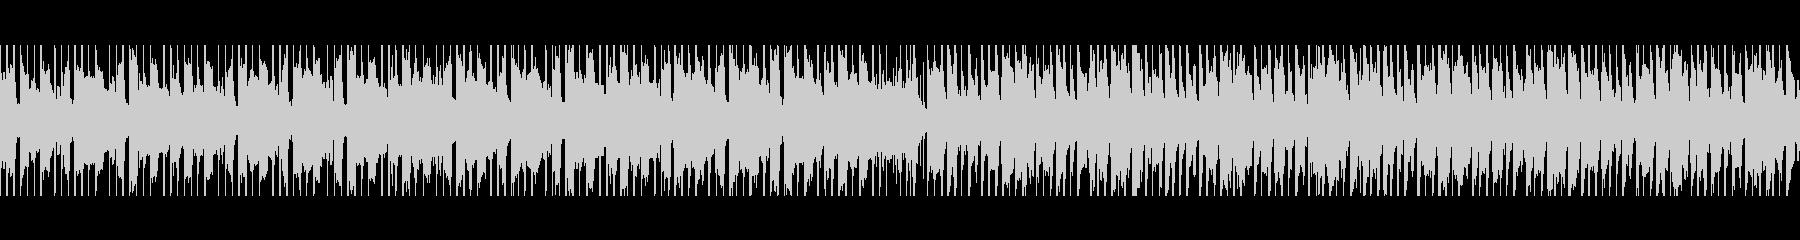 ベリーダンス(ループ)の未再生の波形